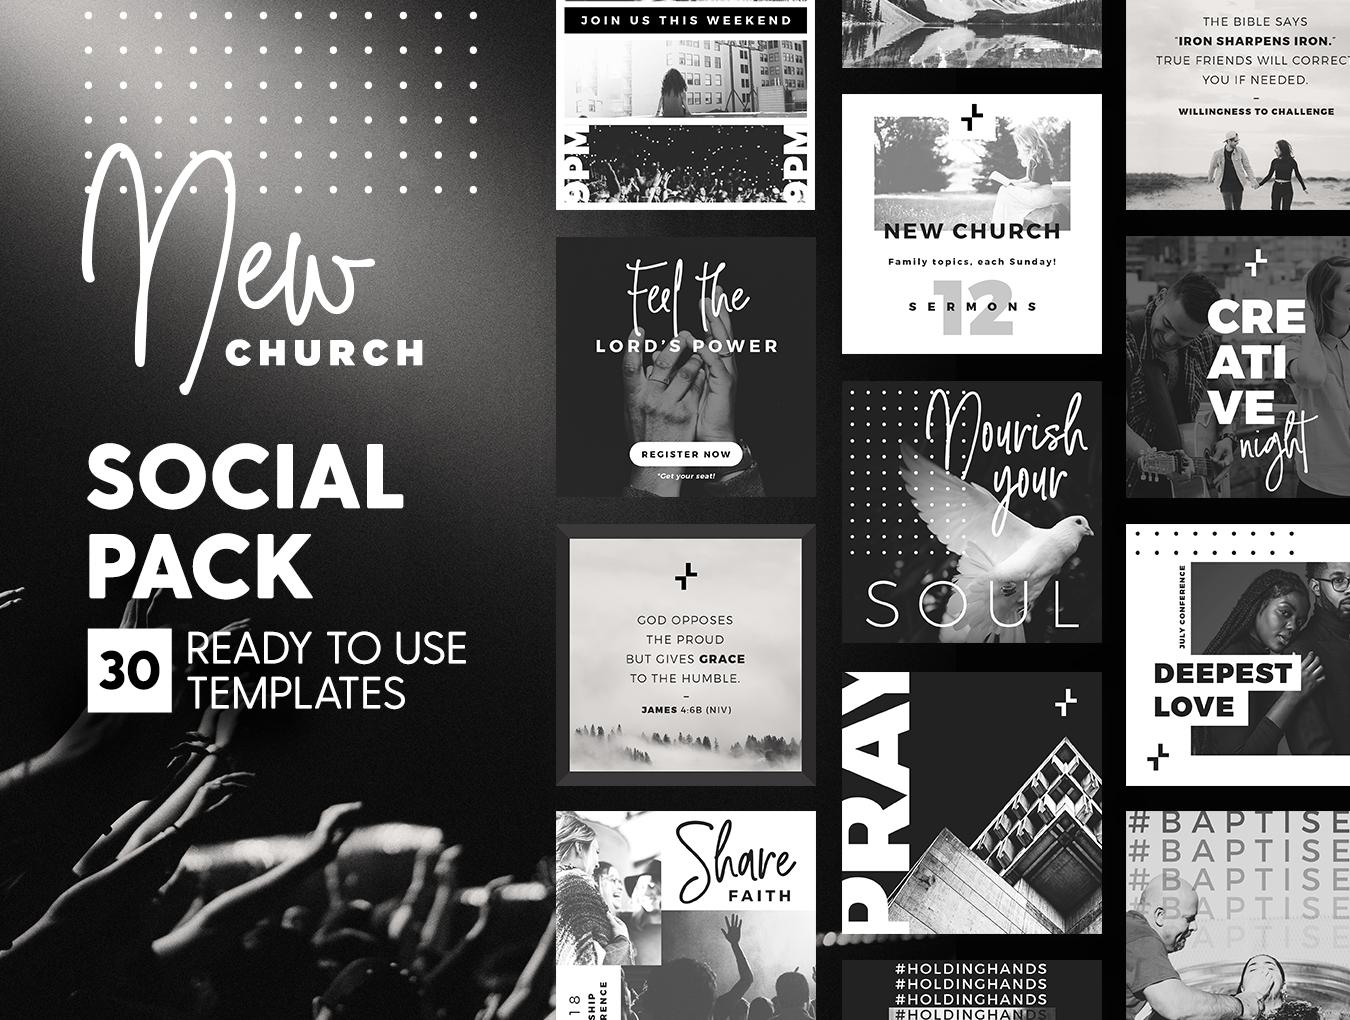 黑白色系品牌营销故事Instagram社交媒体设计素材 New Church Social Pack插图